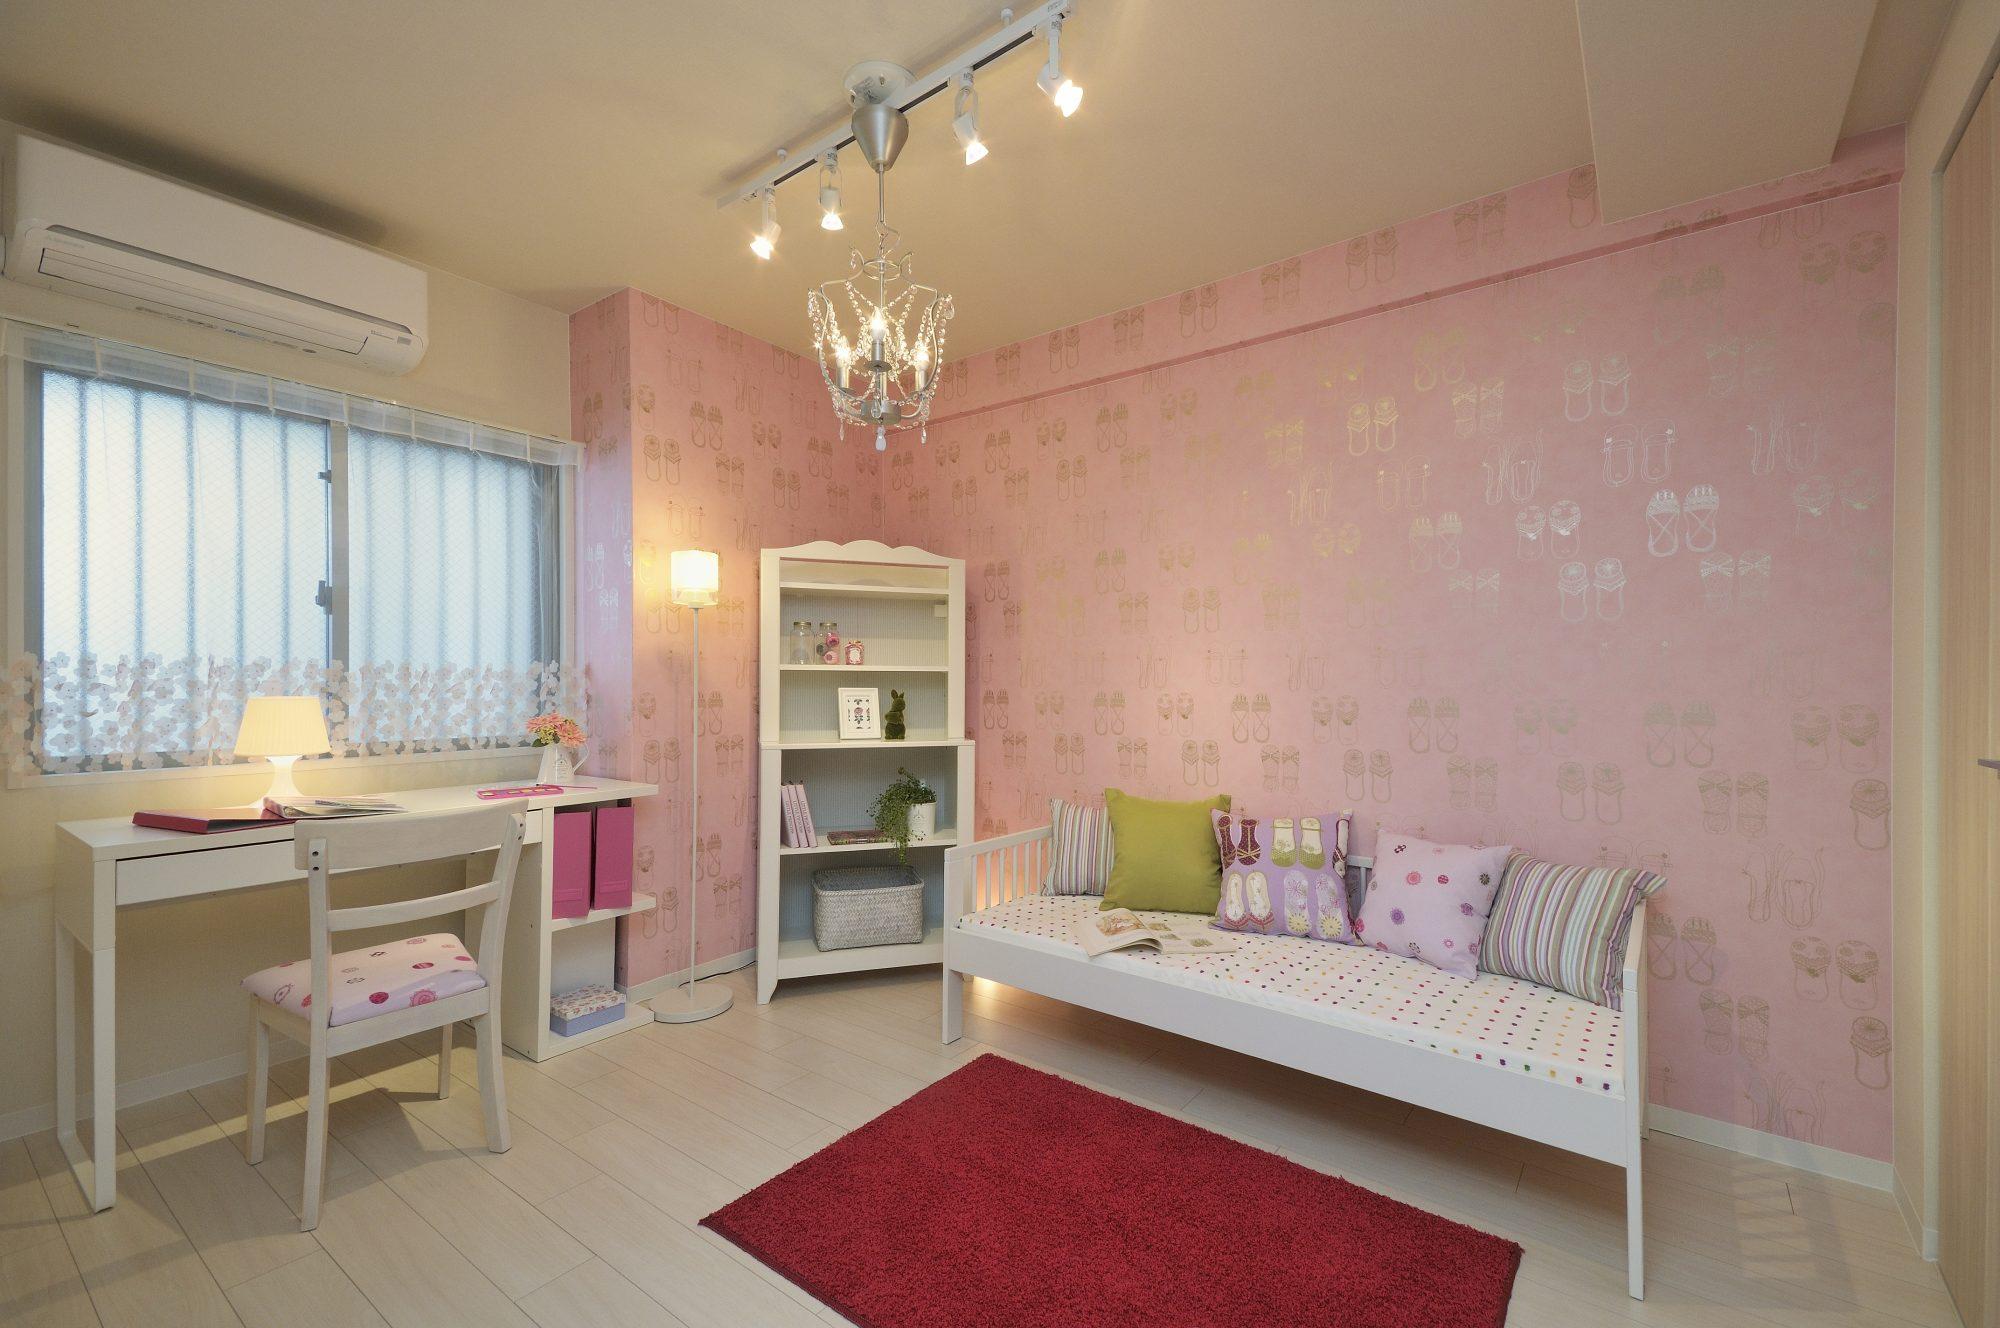 「子供部屋」の画像検索結果